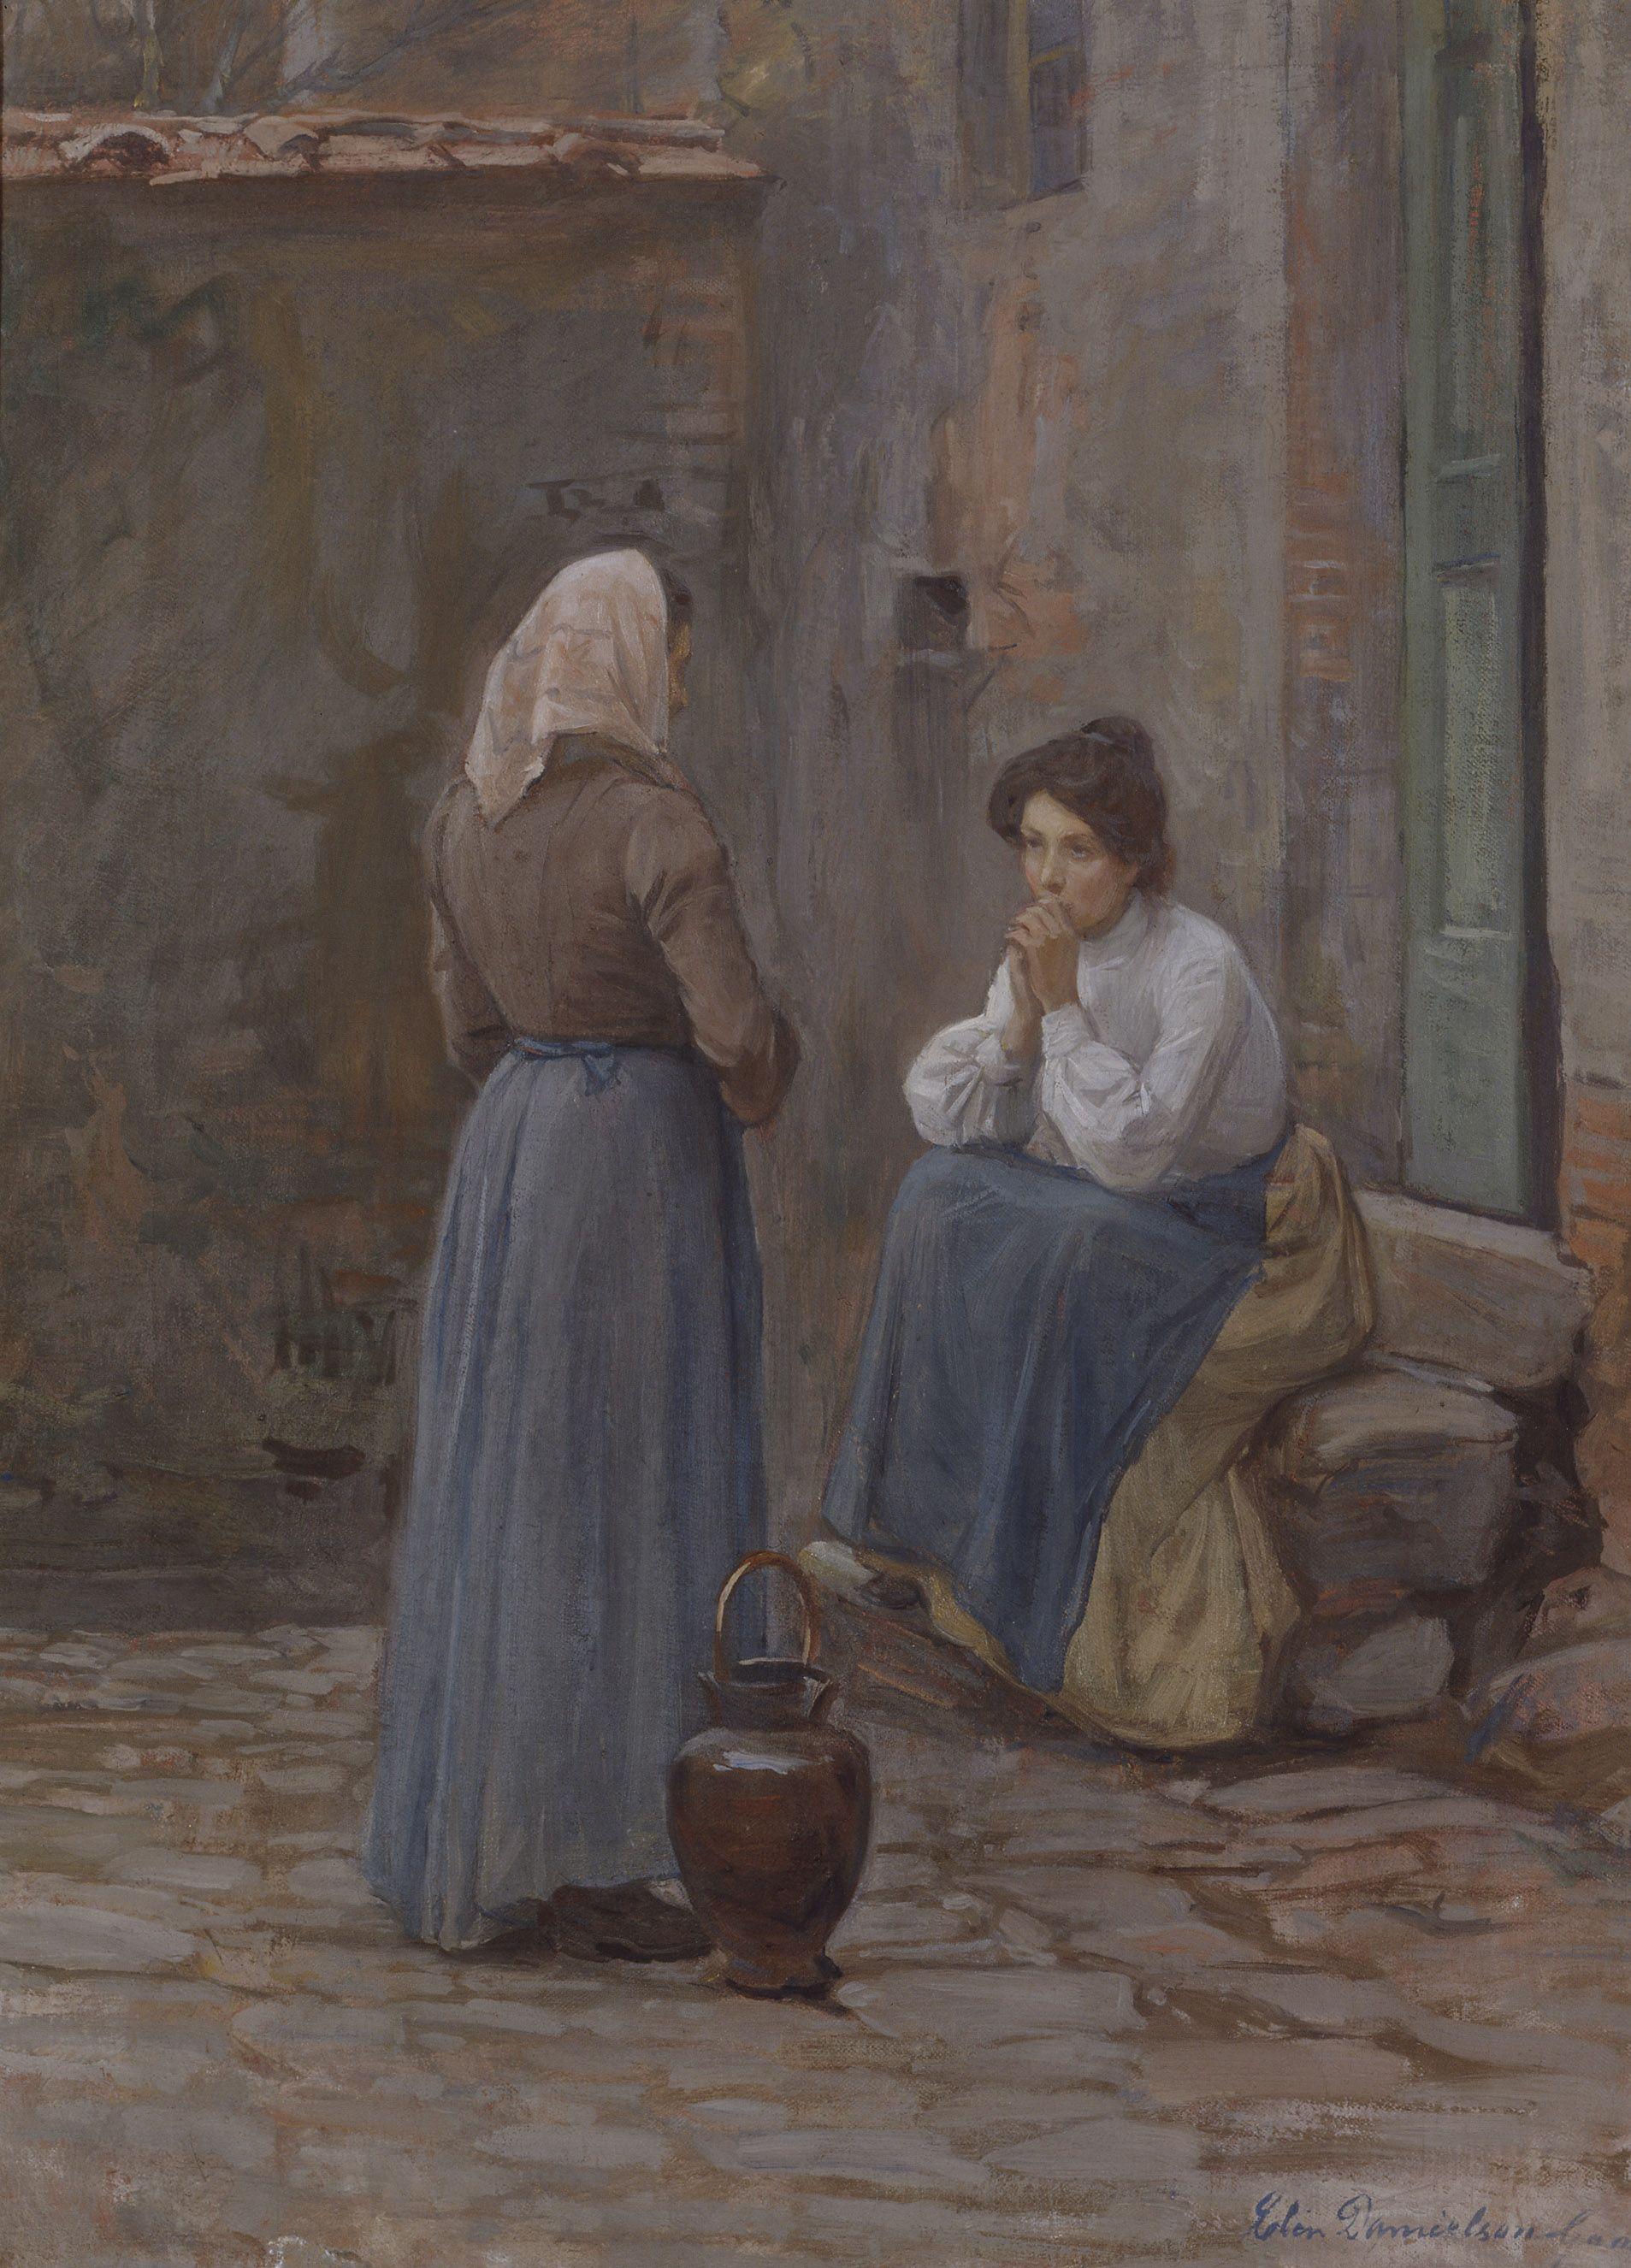 Kuvahaun Tulos Haulle Elin Danielson Gambogi Painting Paintings Famous Art Painting Oil